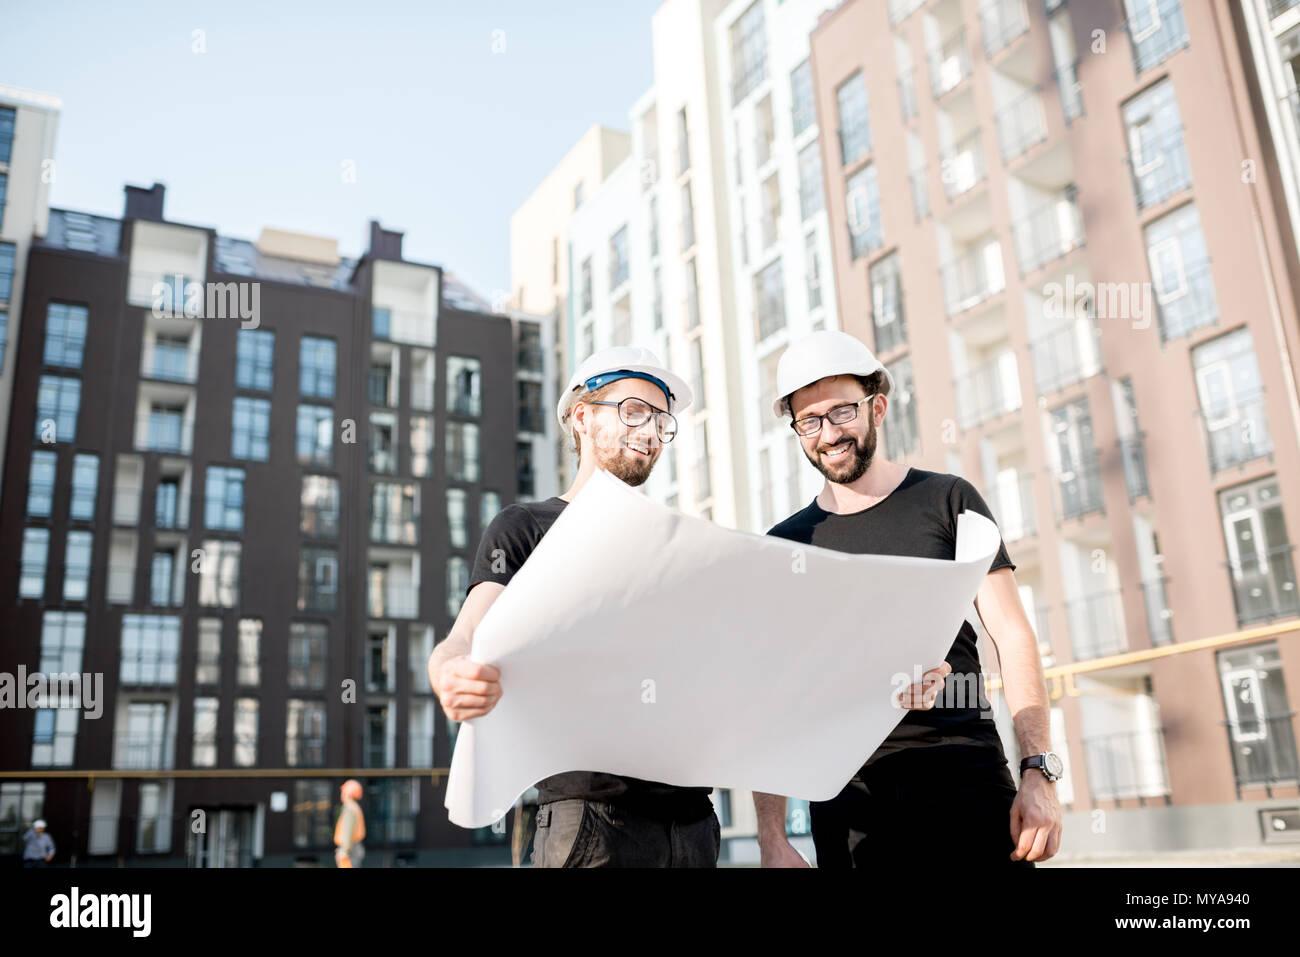 Constructores con dibujos en la zona residencial de nueva construcción Foto de stock